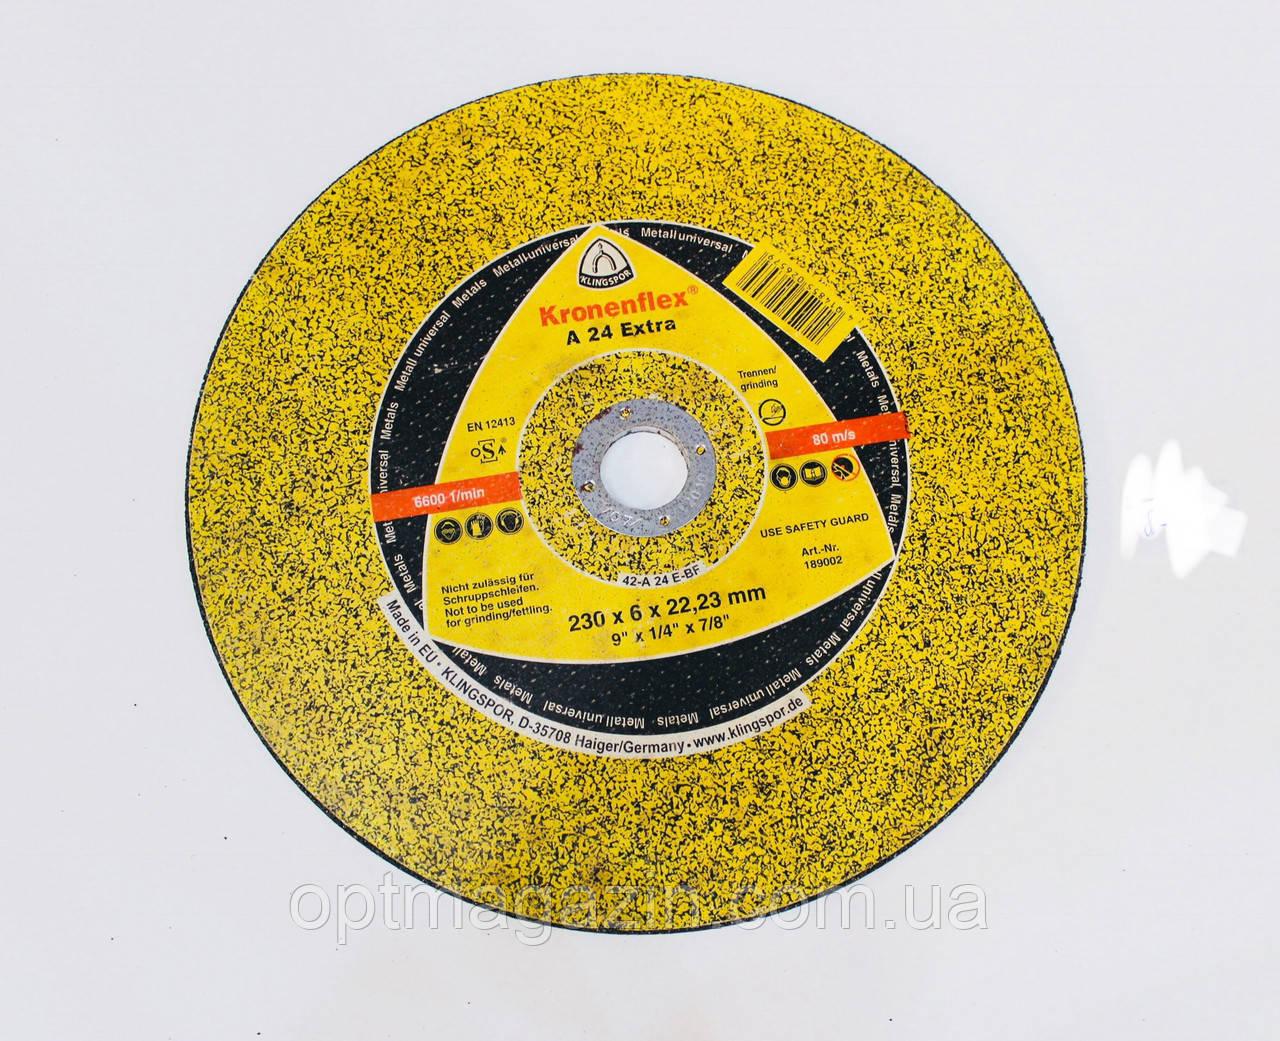 Круг відрізний по металу 230х6х22,23мм. Диск відрізний по металу Kronenflex 230х6х22,23мм